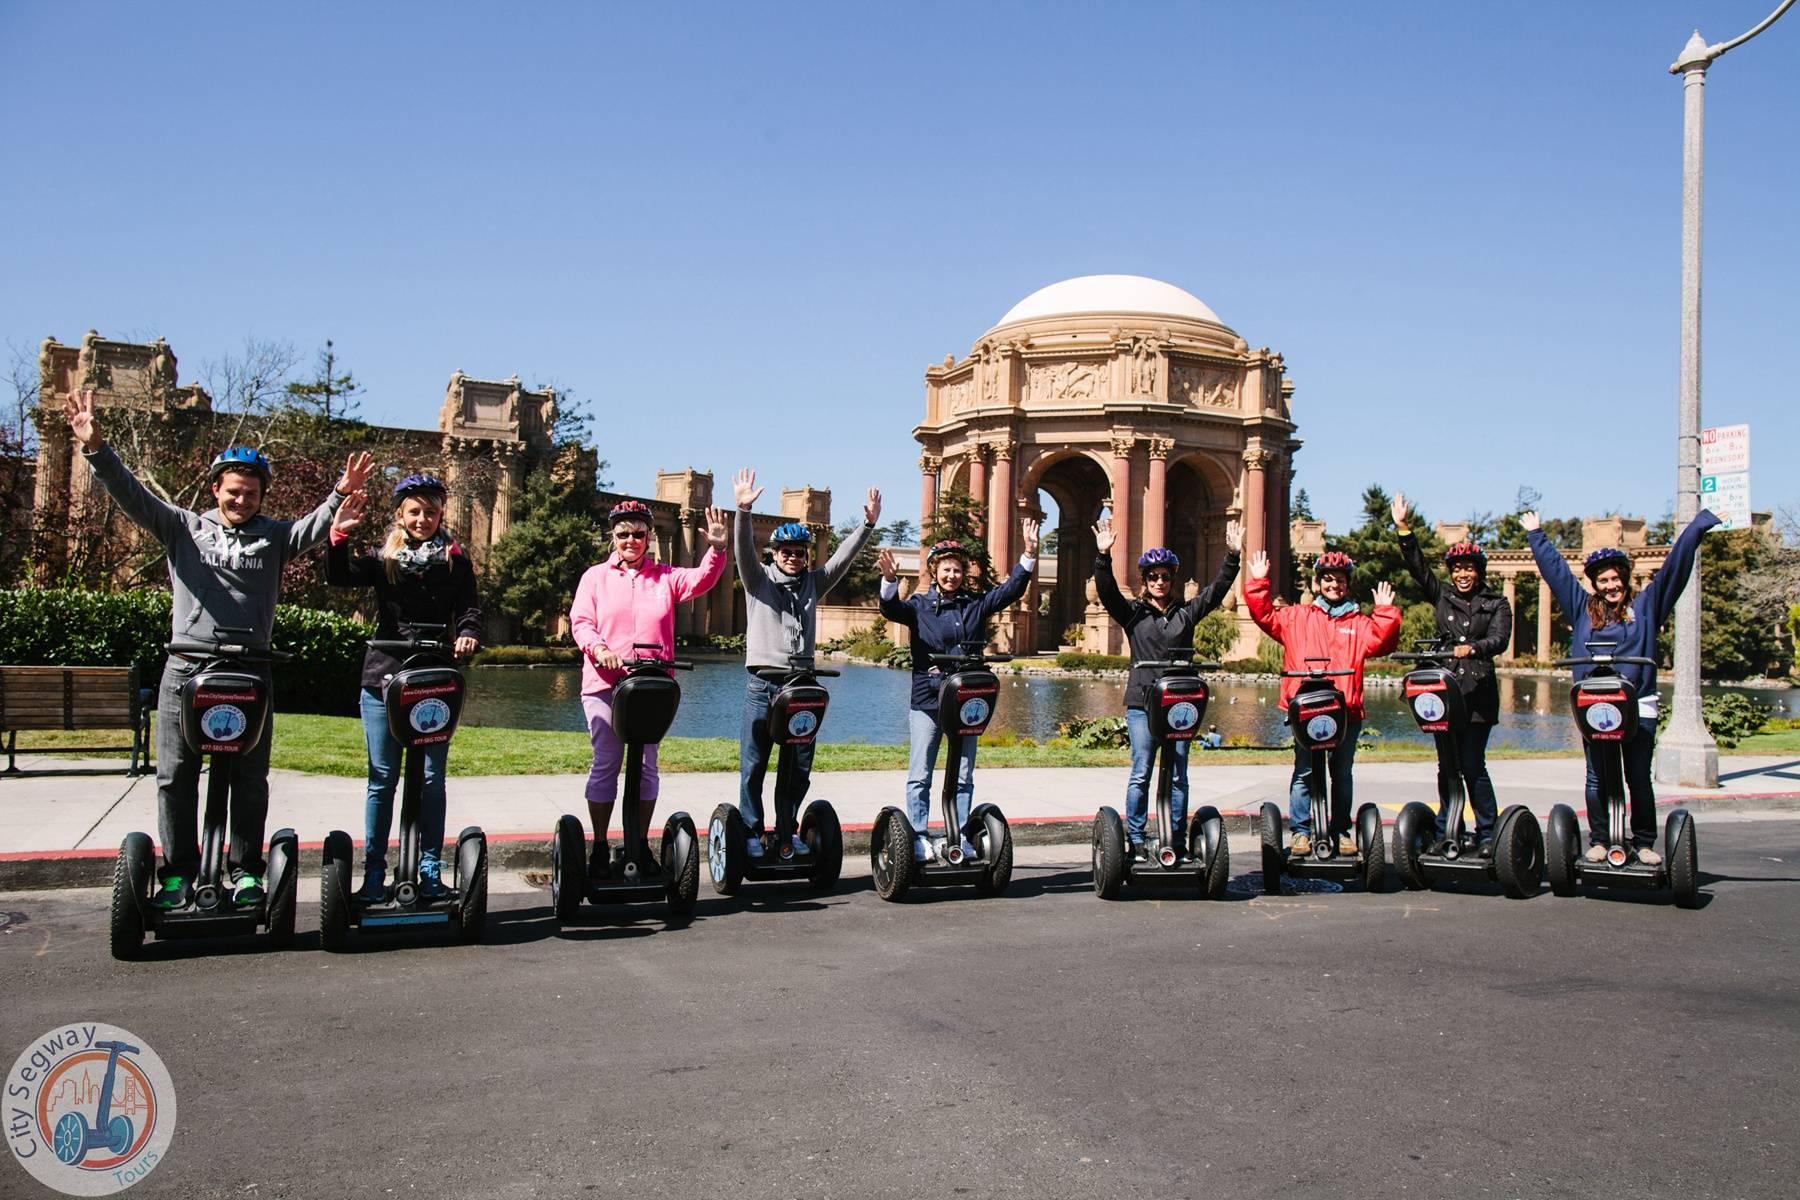 The San Francisco Segway Experience Tour Tours4fun